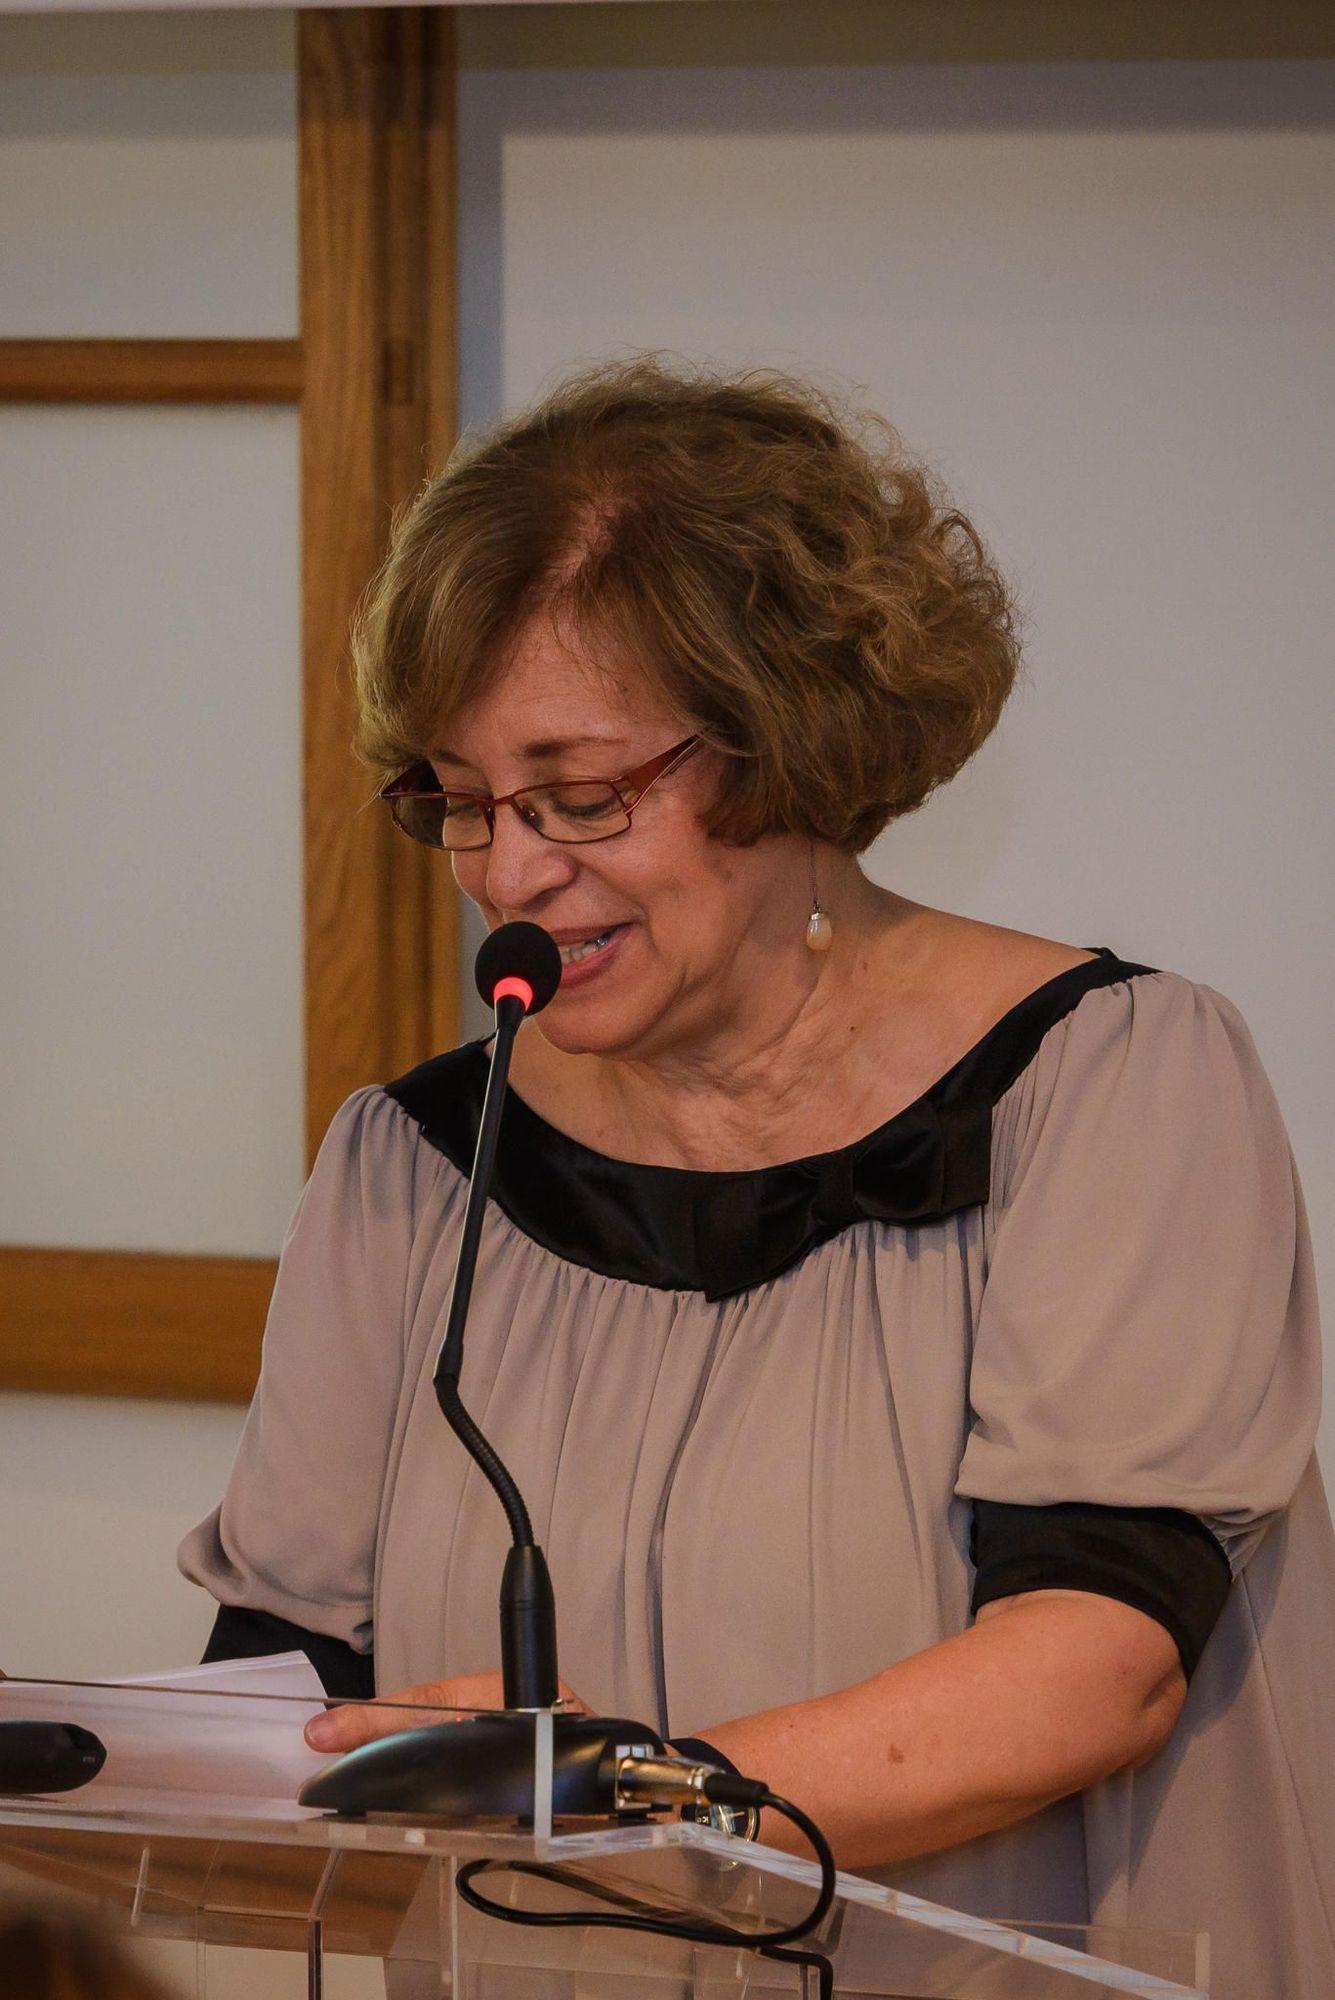 η Γενική Γραμματέας του Υπουργείου Πολιτισμού και Αθλητισμού, κ. Μαρία Ανδρεαδάκη-Βλαζάκη.